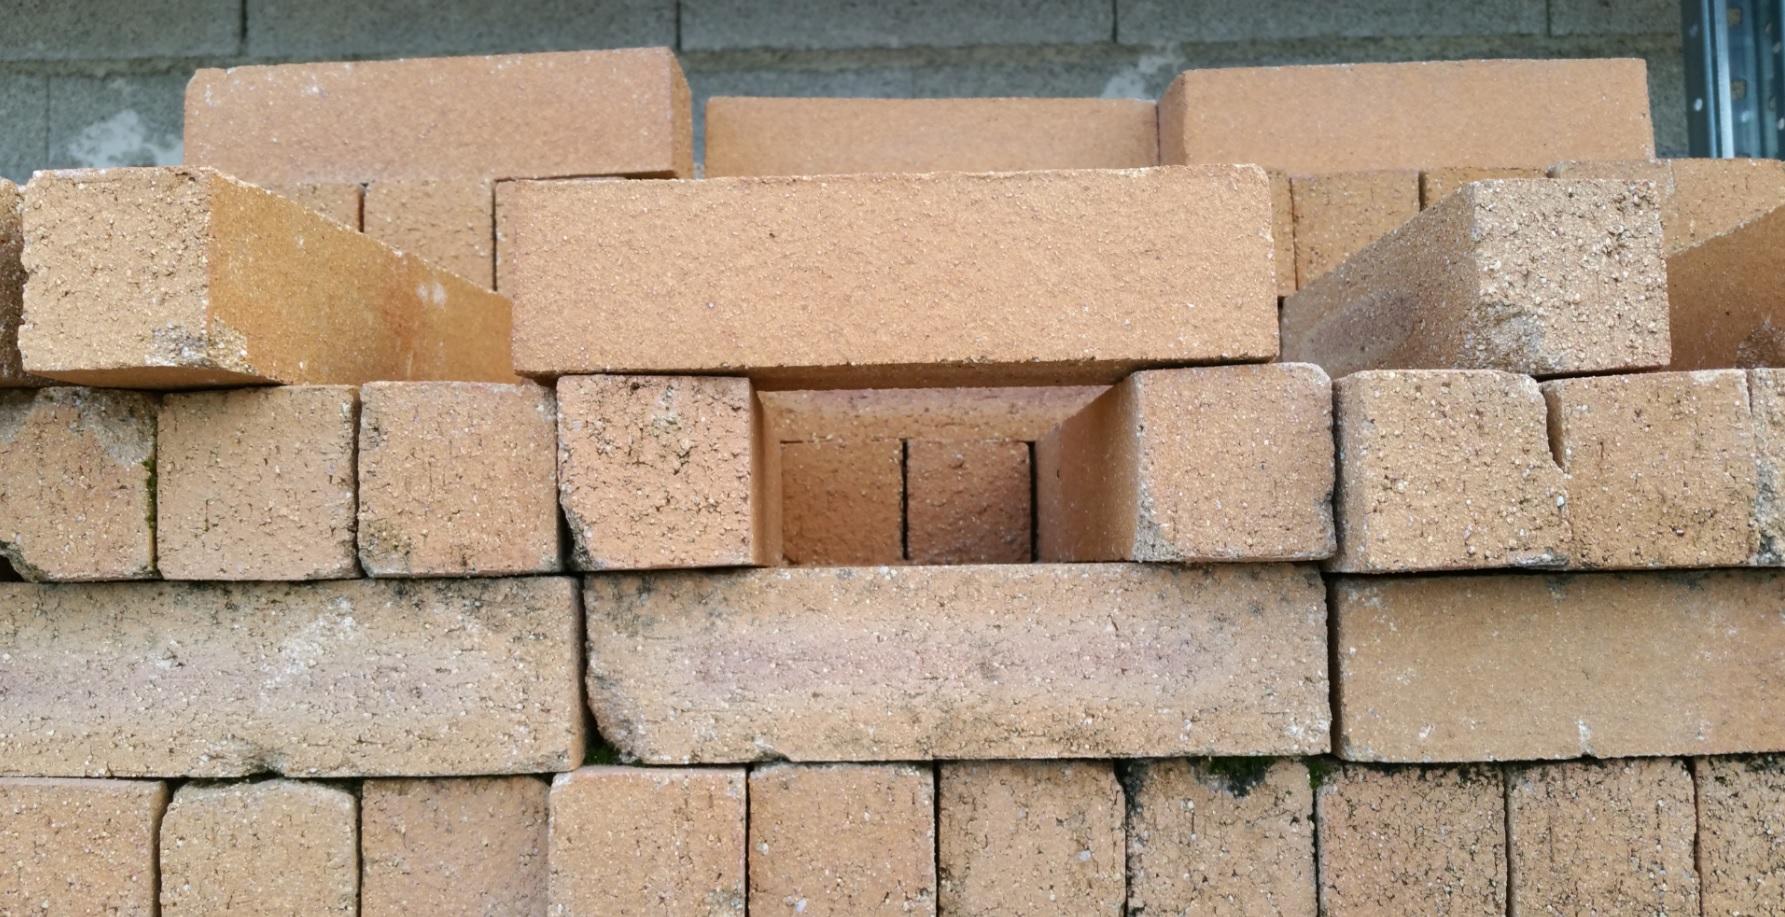 brique r fractaire rustique 32 22x5 5cm ep 5 5cm fayol al s 30100 d stockage habitat. Black Bedroom Furniture Sets. Home Design Ideas